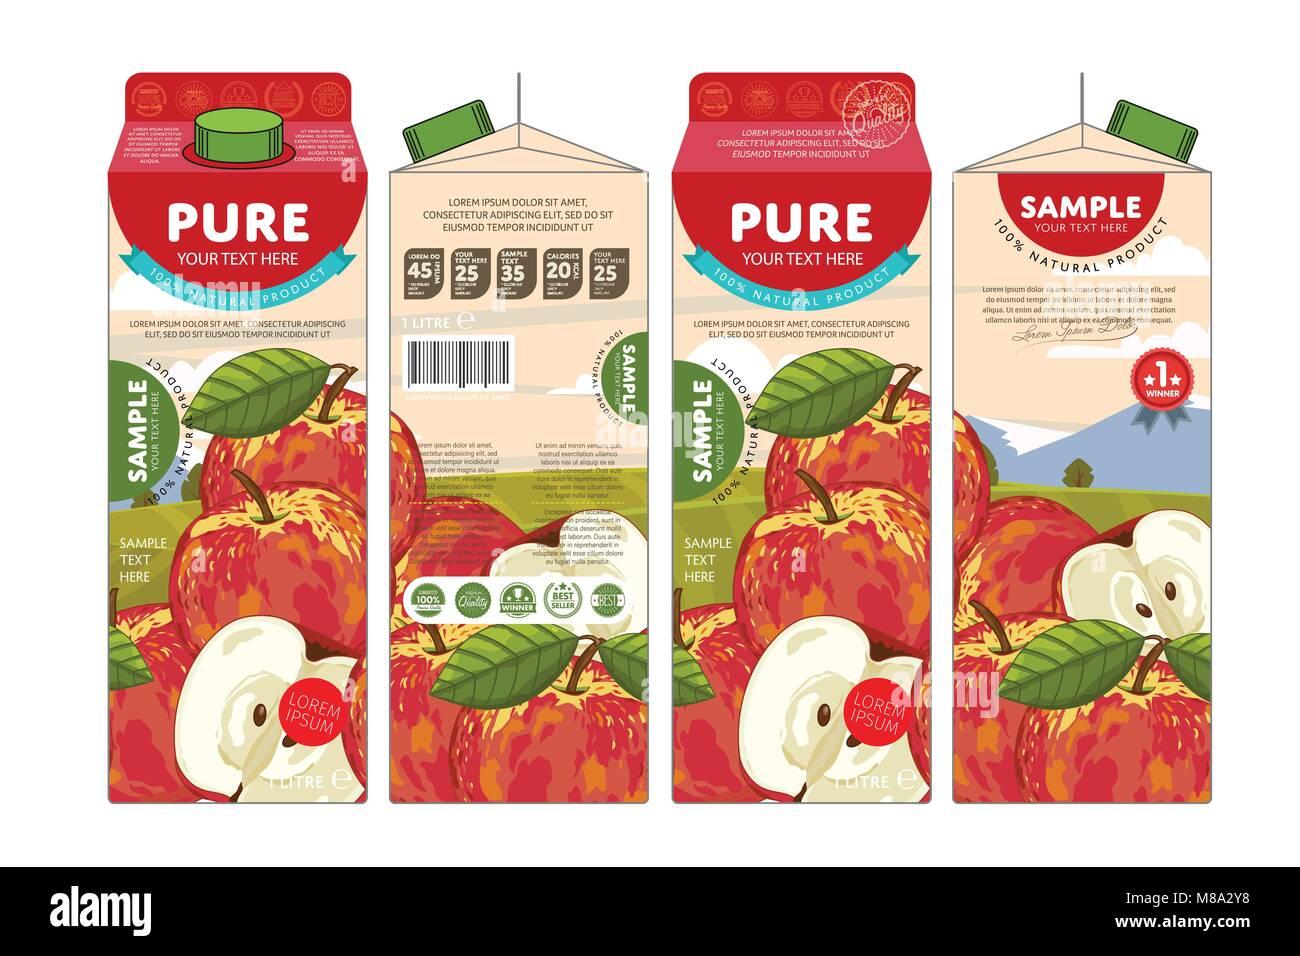 Modello di progettazione di confezionamento di succo di mela Immagini Stock